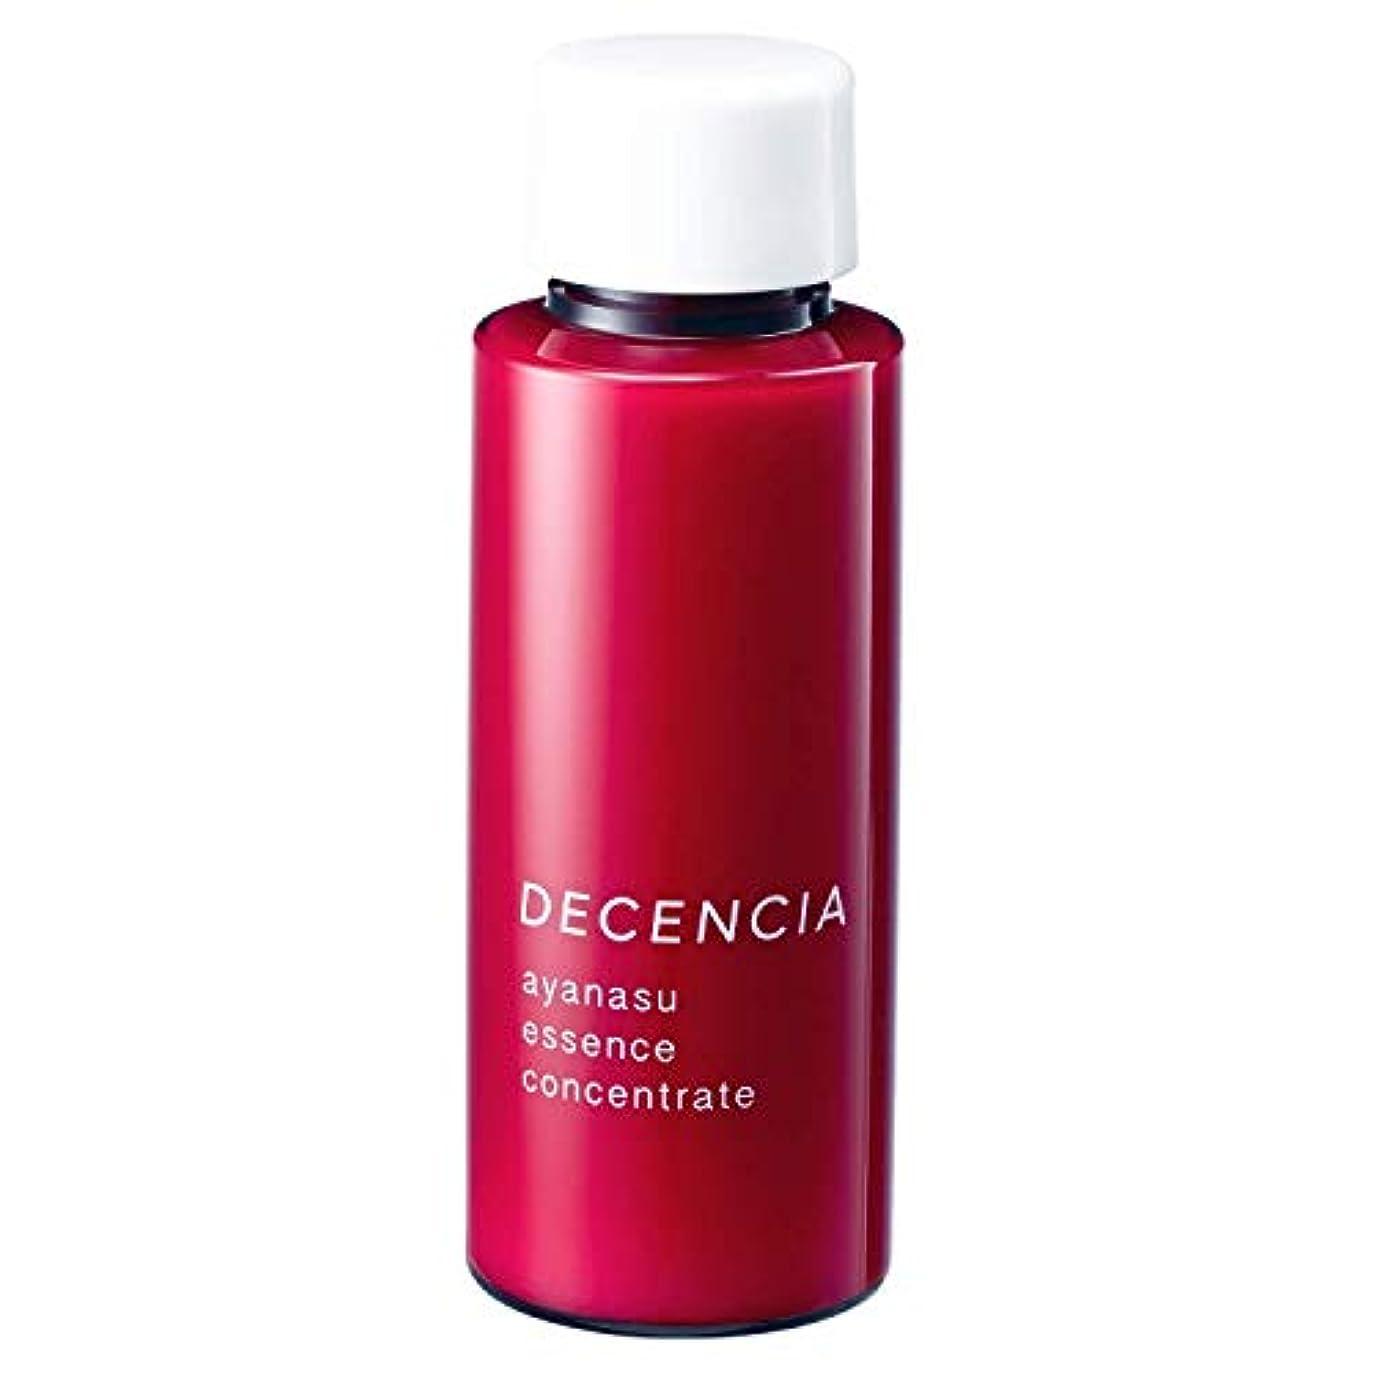 DECENCIA(ディセンシア) 【乾燥?敏感肌用美容液】アヤナス エッセンス コンセントレート リフィル 36mL